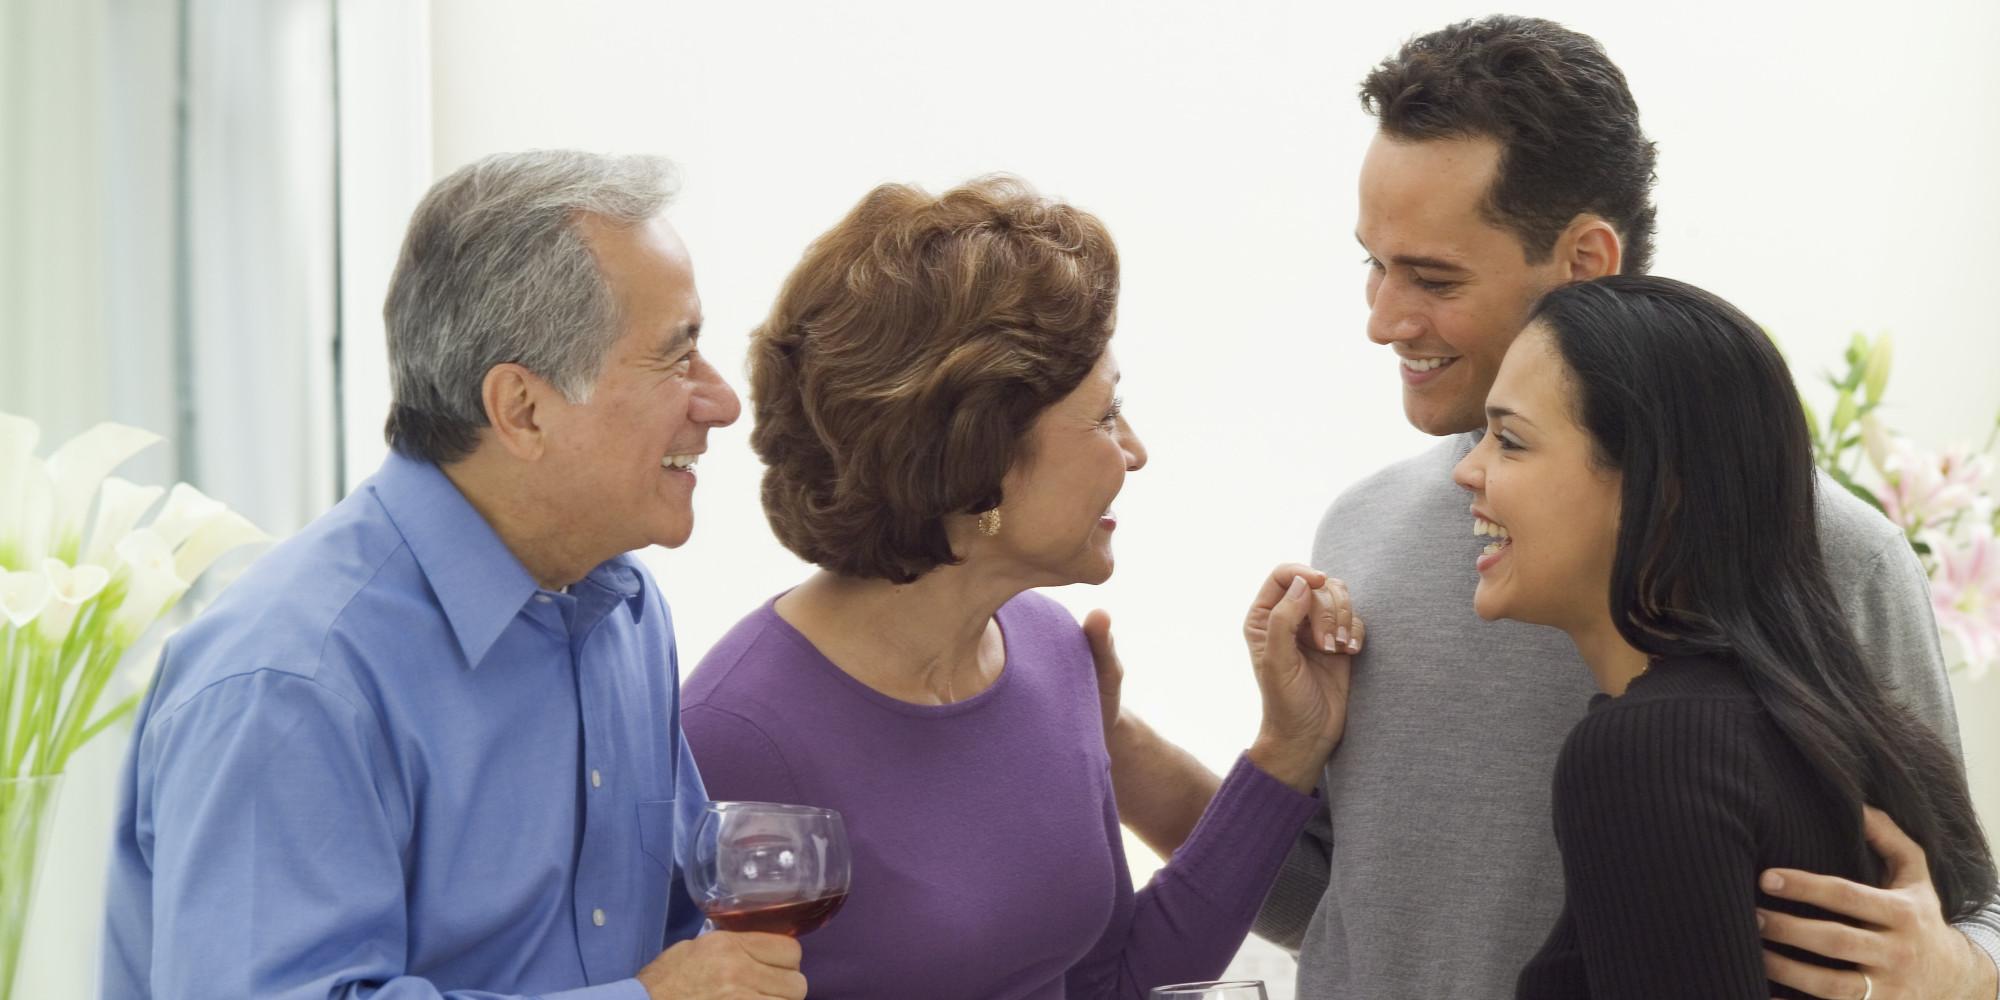 6 Kalimat yang Haram Diucapkan kepada Calon Mertua Saat Pamit